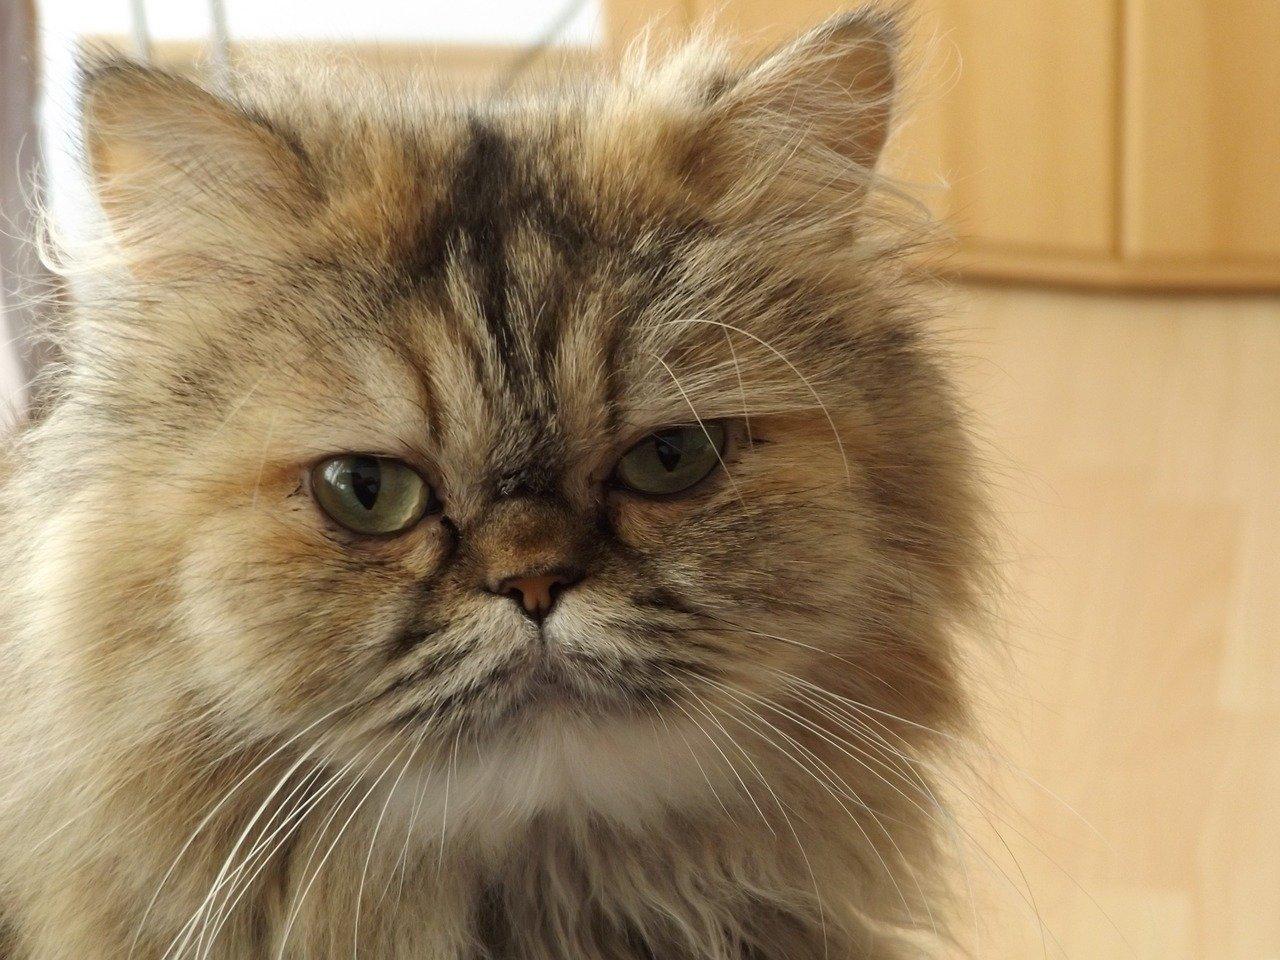 sguardo strano del gatto persiano